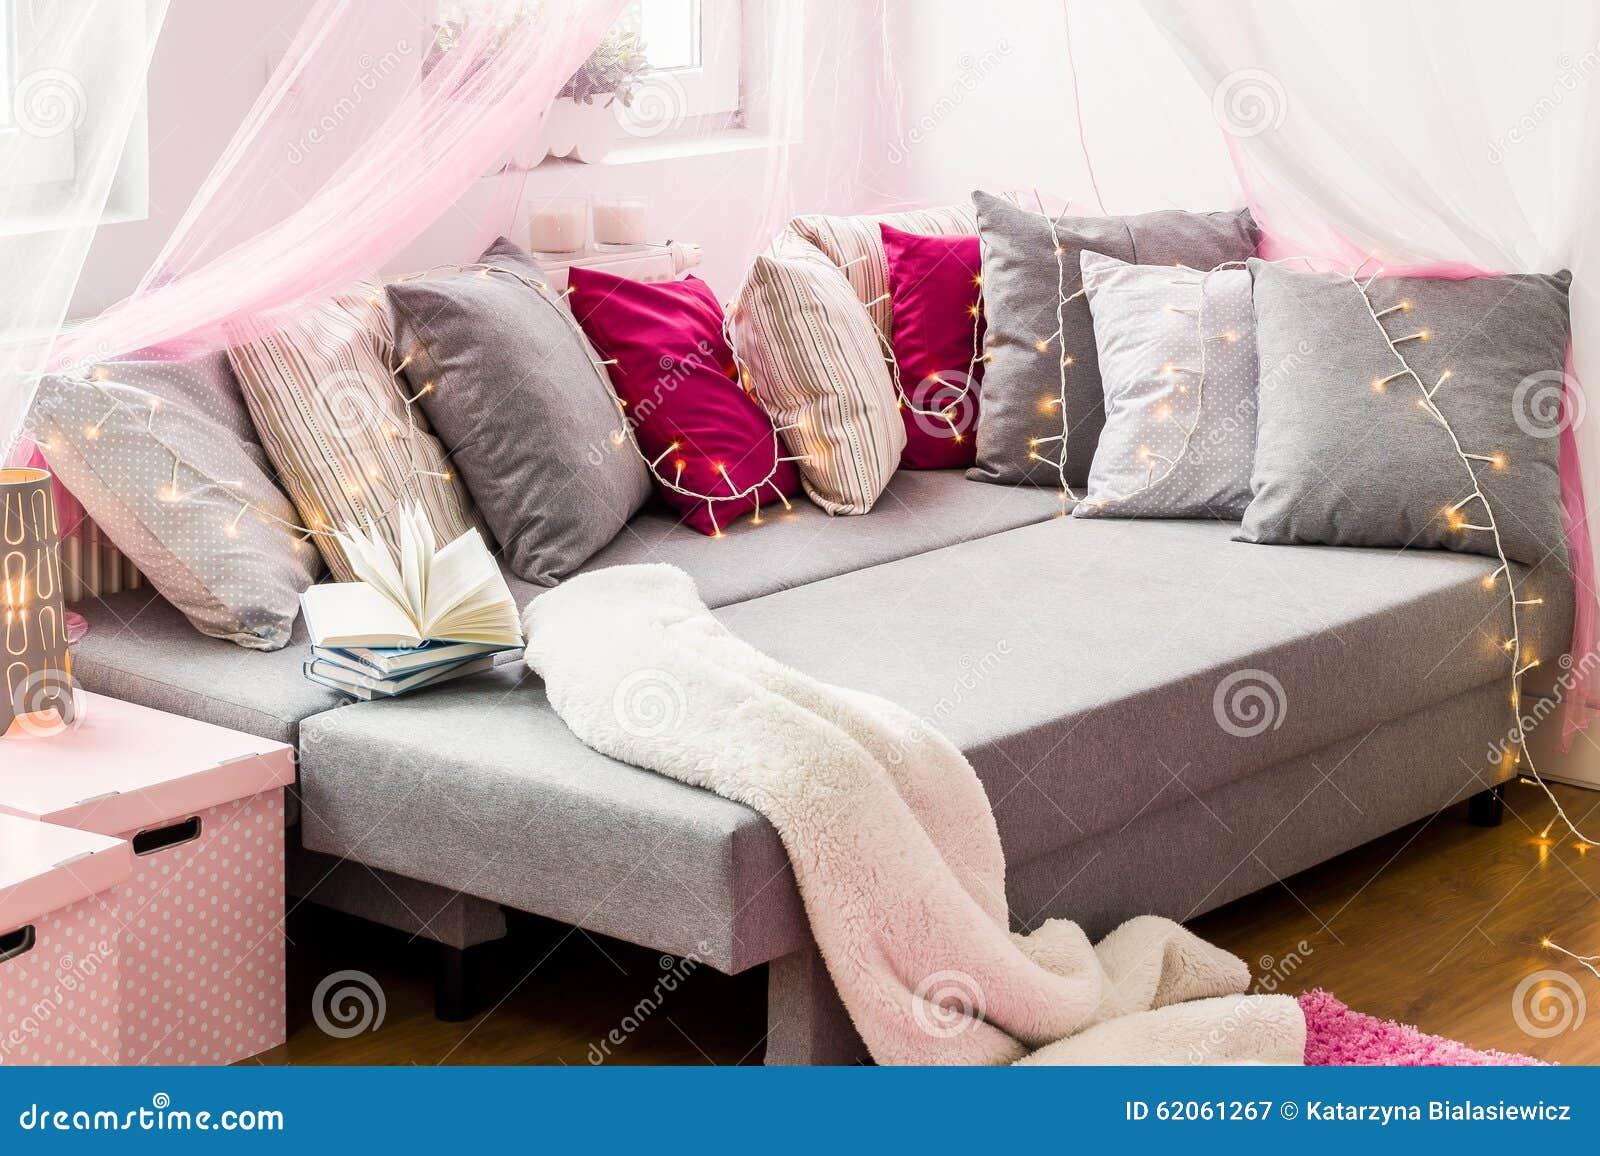 https://thumbs.dreamstime.com/z/groot-bed-met-decoratieve-kussens-62061267.jpg